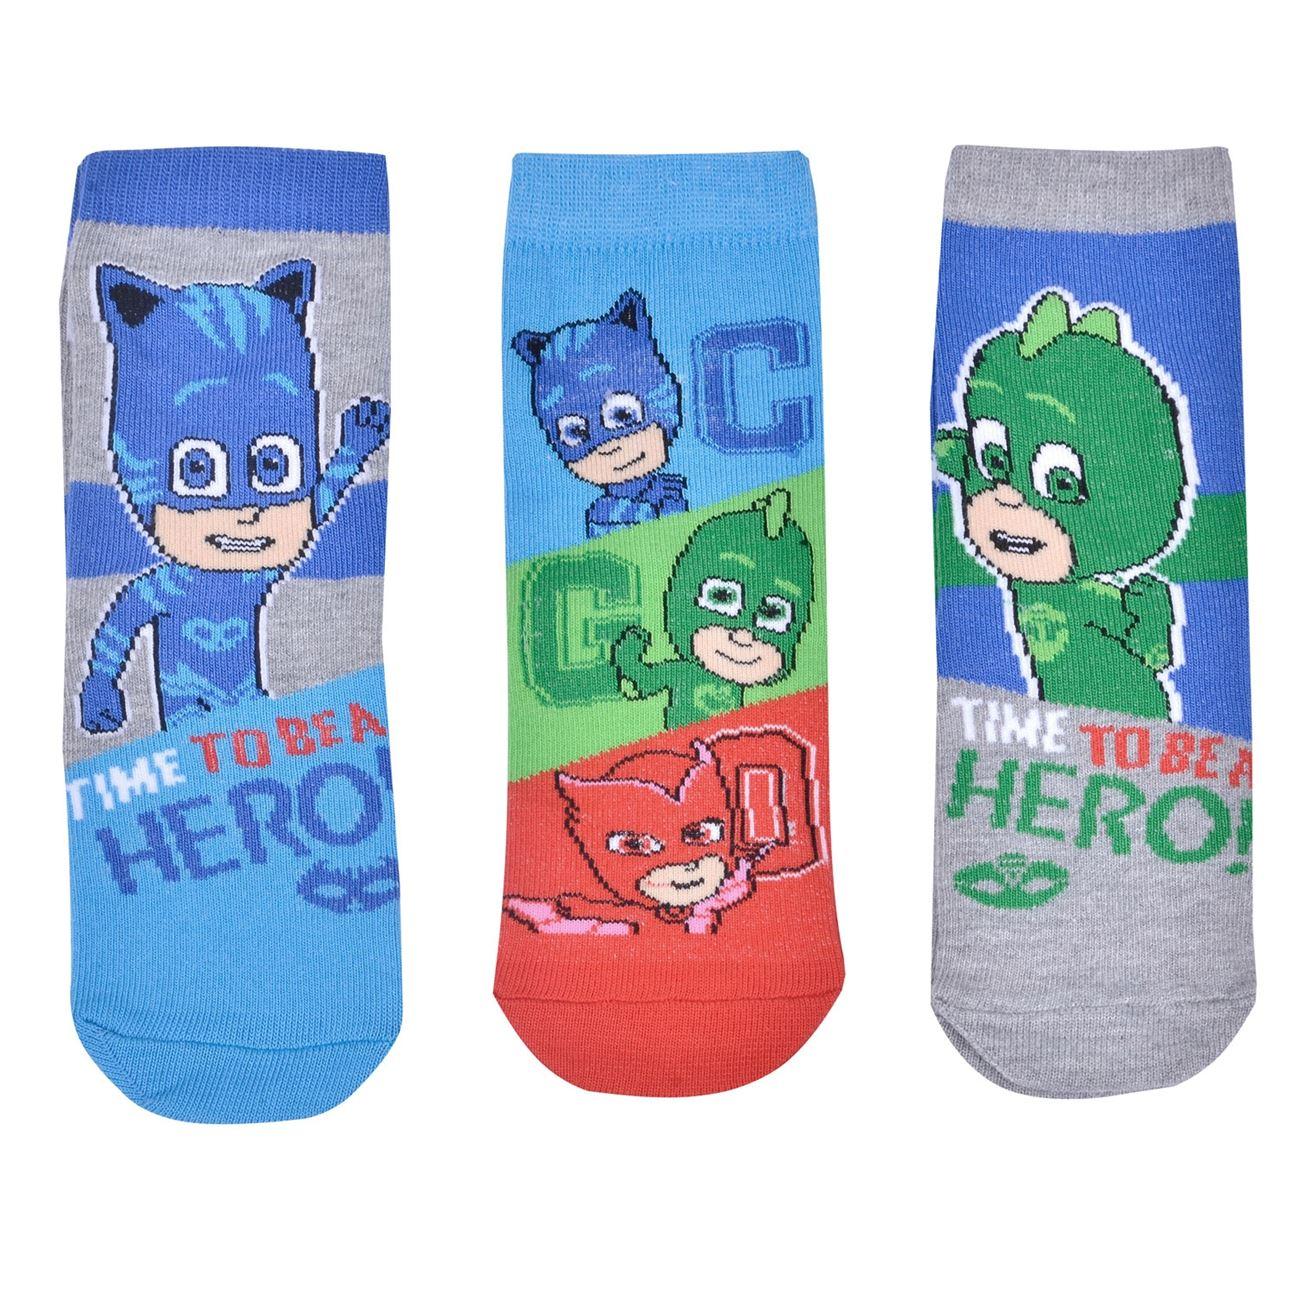 Κάλτσες Παιδικές PJ MASKS - 3 ζευγ.   Κάλτσες Παιδικές Αγόρι Πακέτο ... 87faa96a054